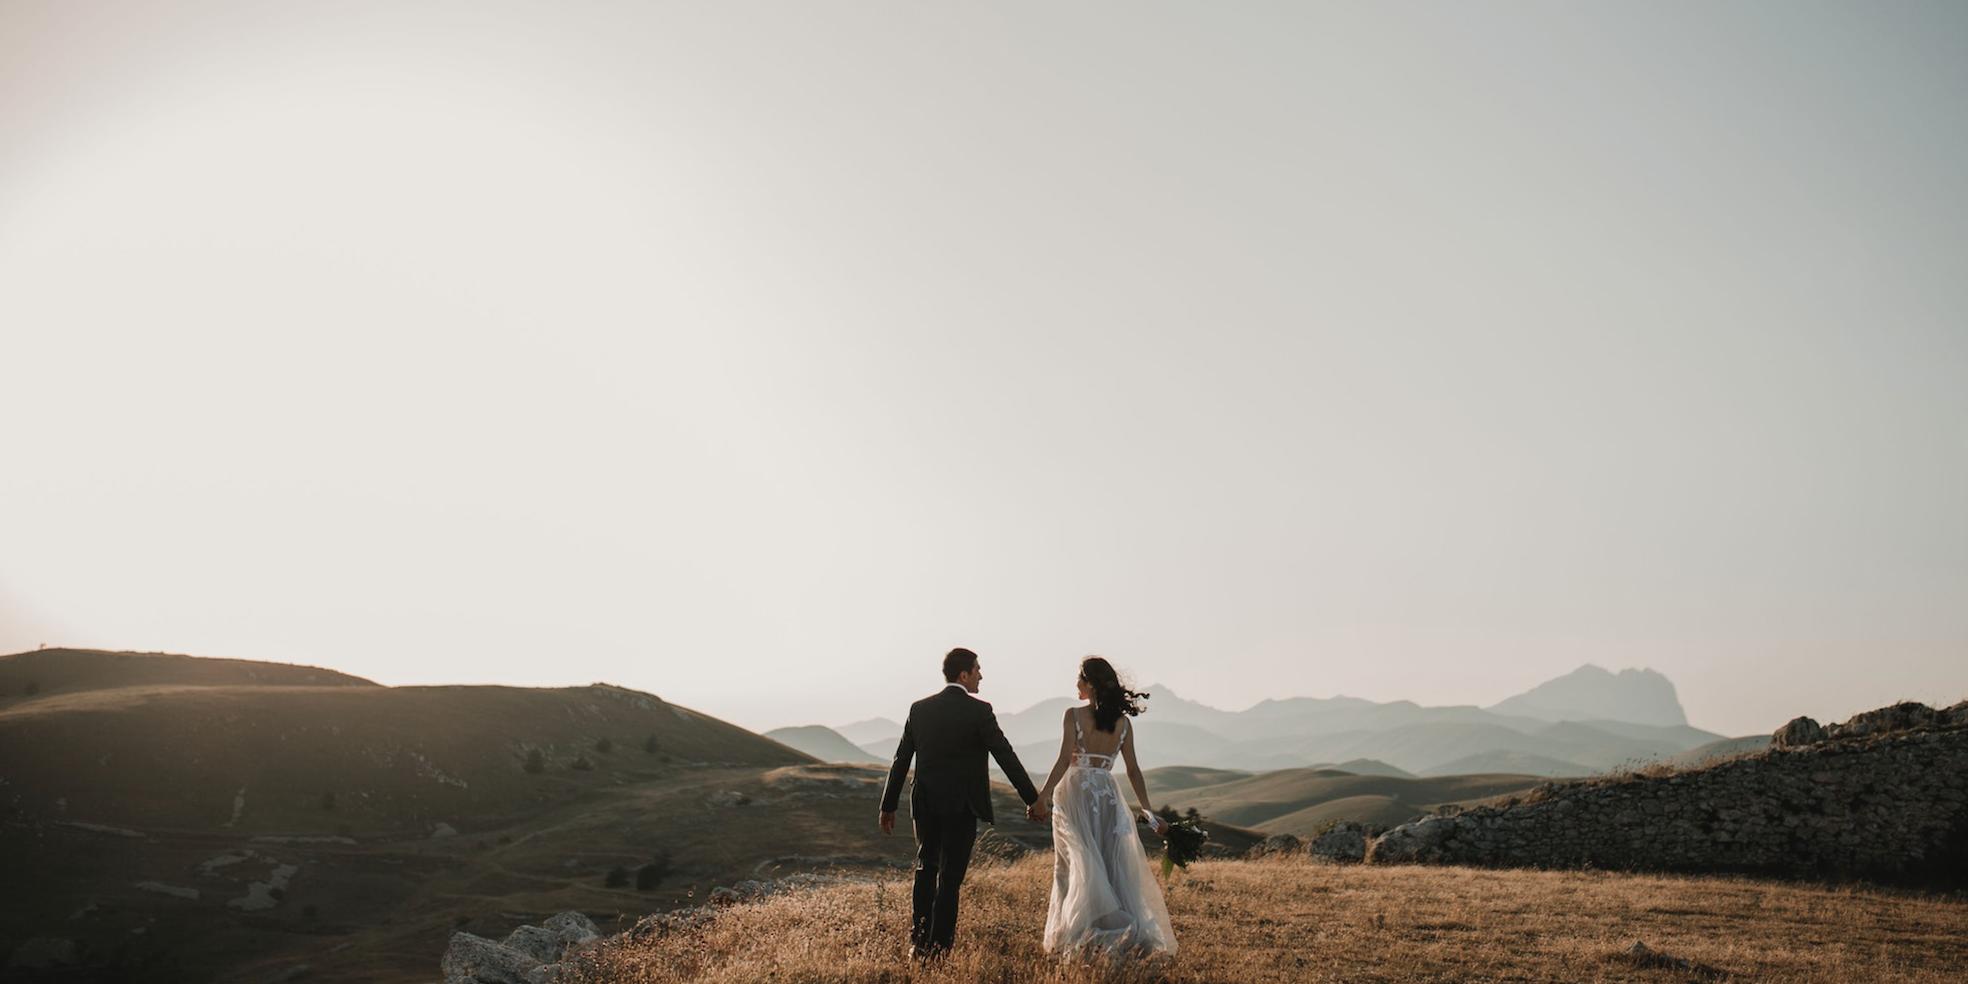 MARIAGE - Conséquences de l'acquisition de la résidence principale avant ou au cours du mariage